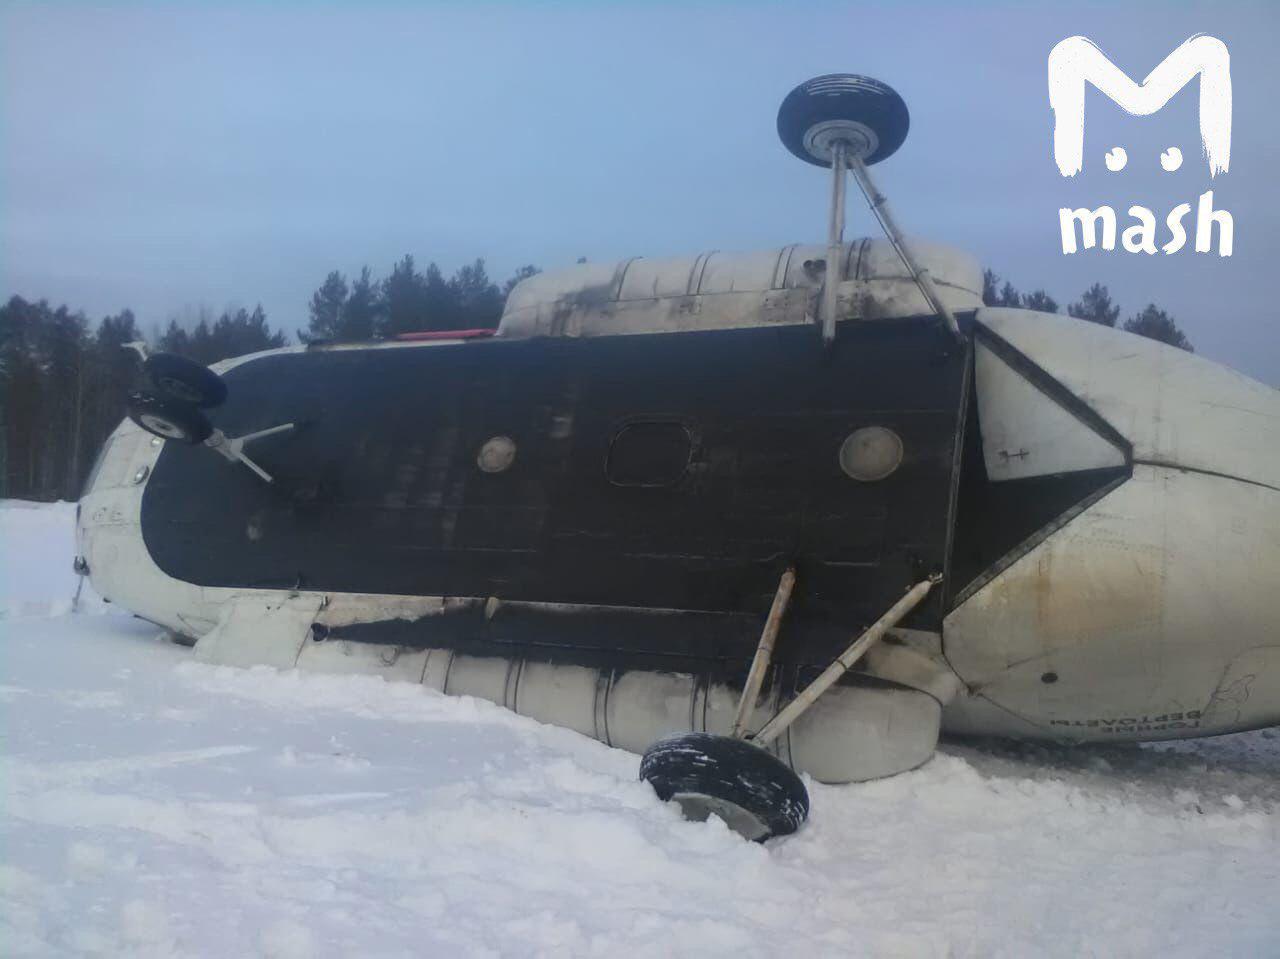 В России случилось серьезное ЧП с вертолетом, есть пострадавшие: первые подробности и фото